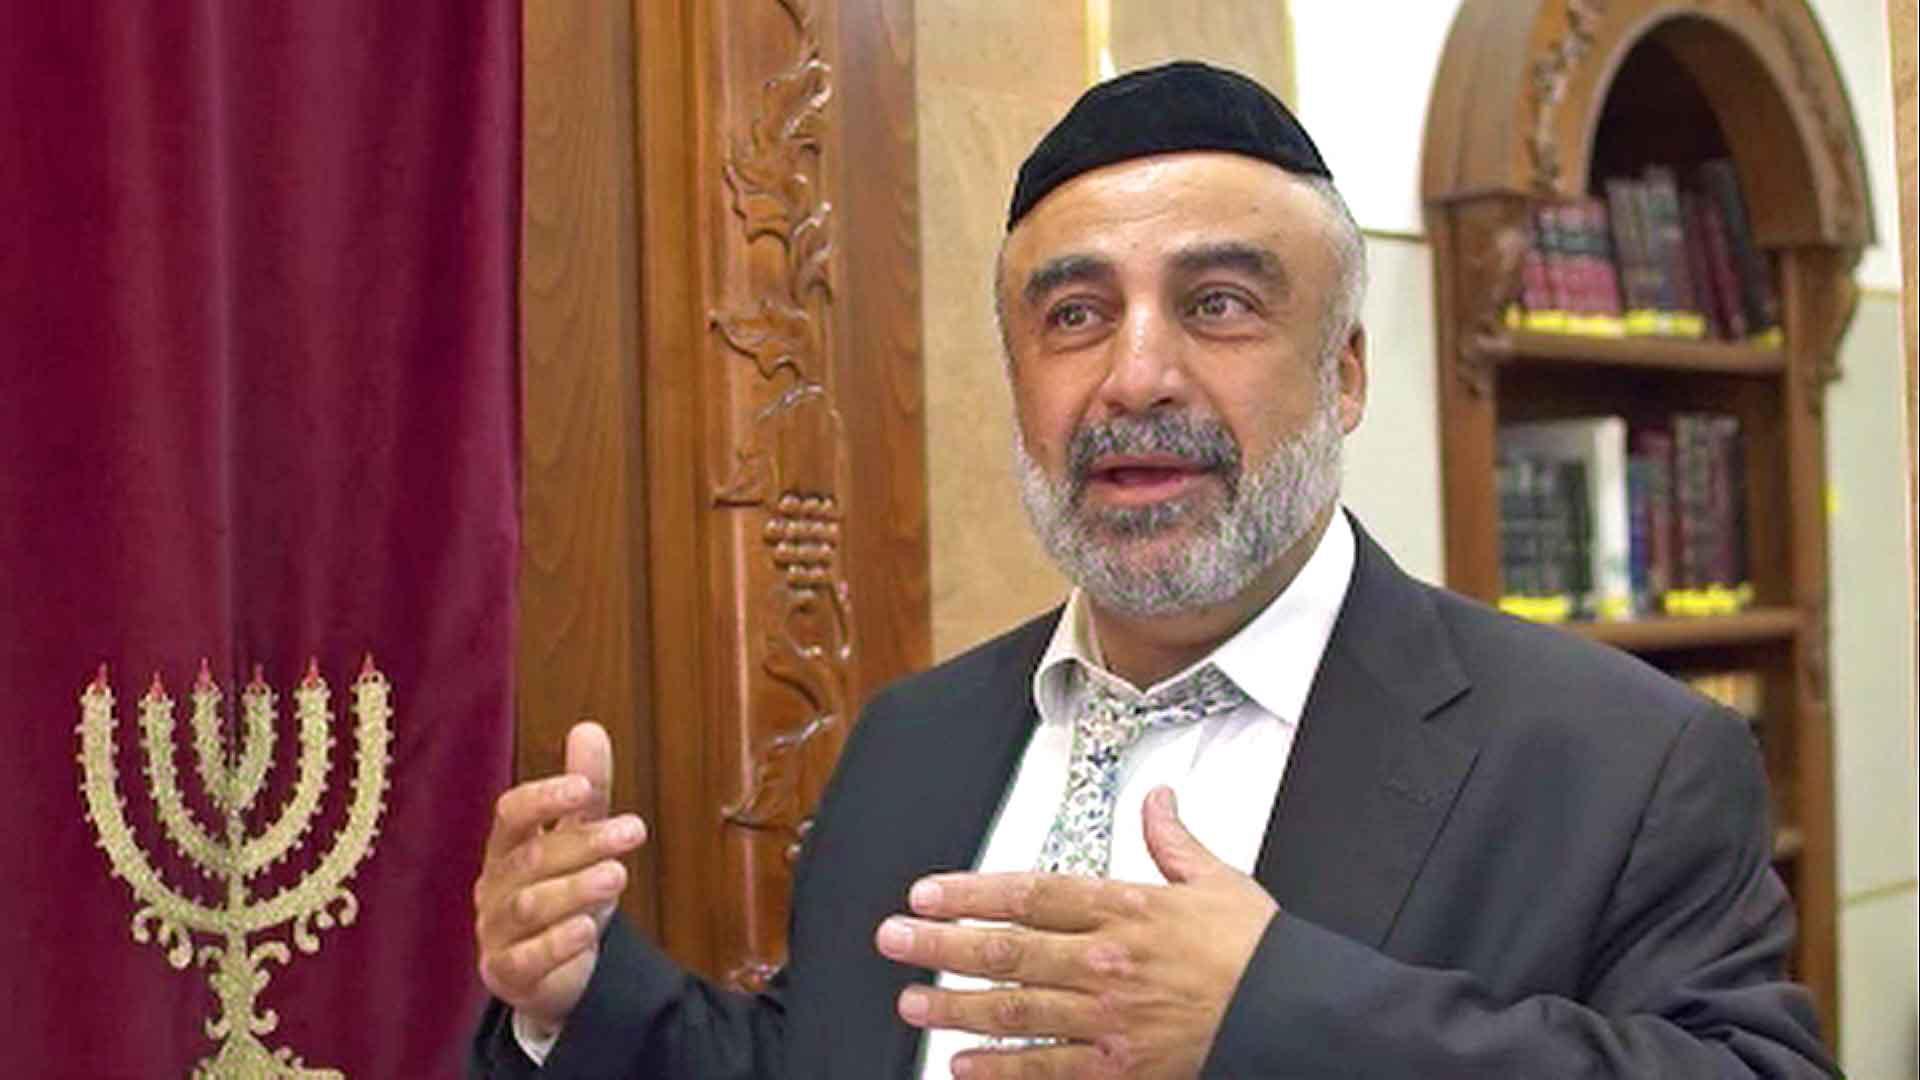 Rabbi Naki, tut Gott heute noch Wunder?